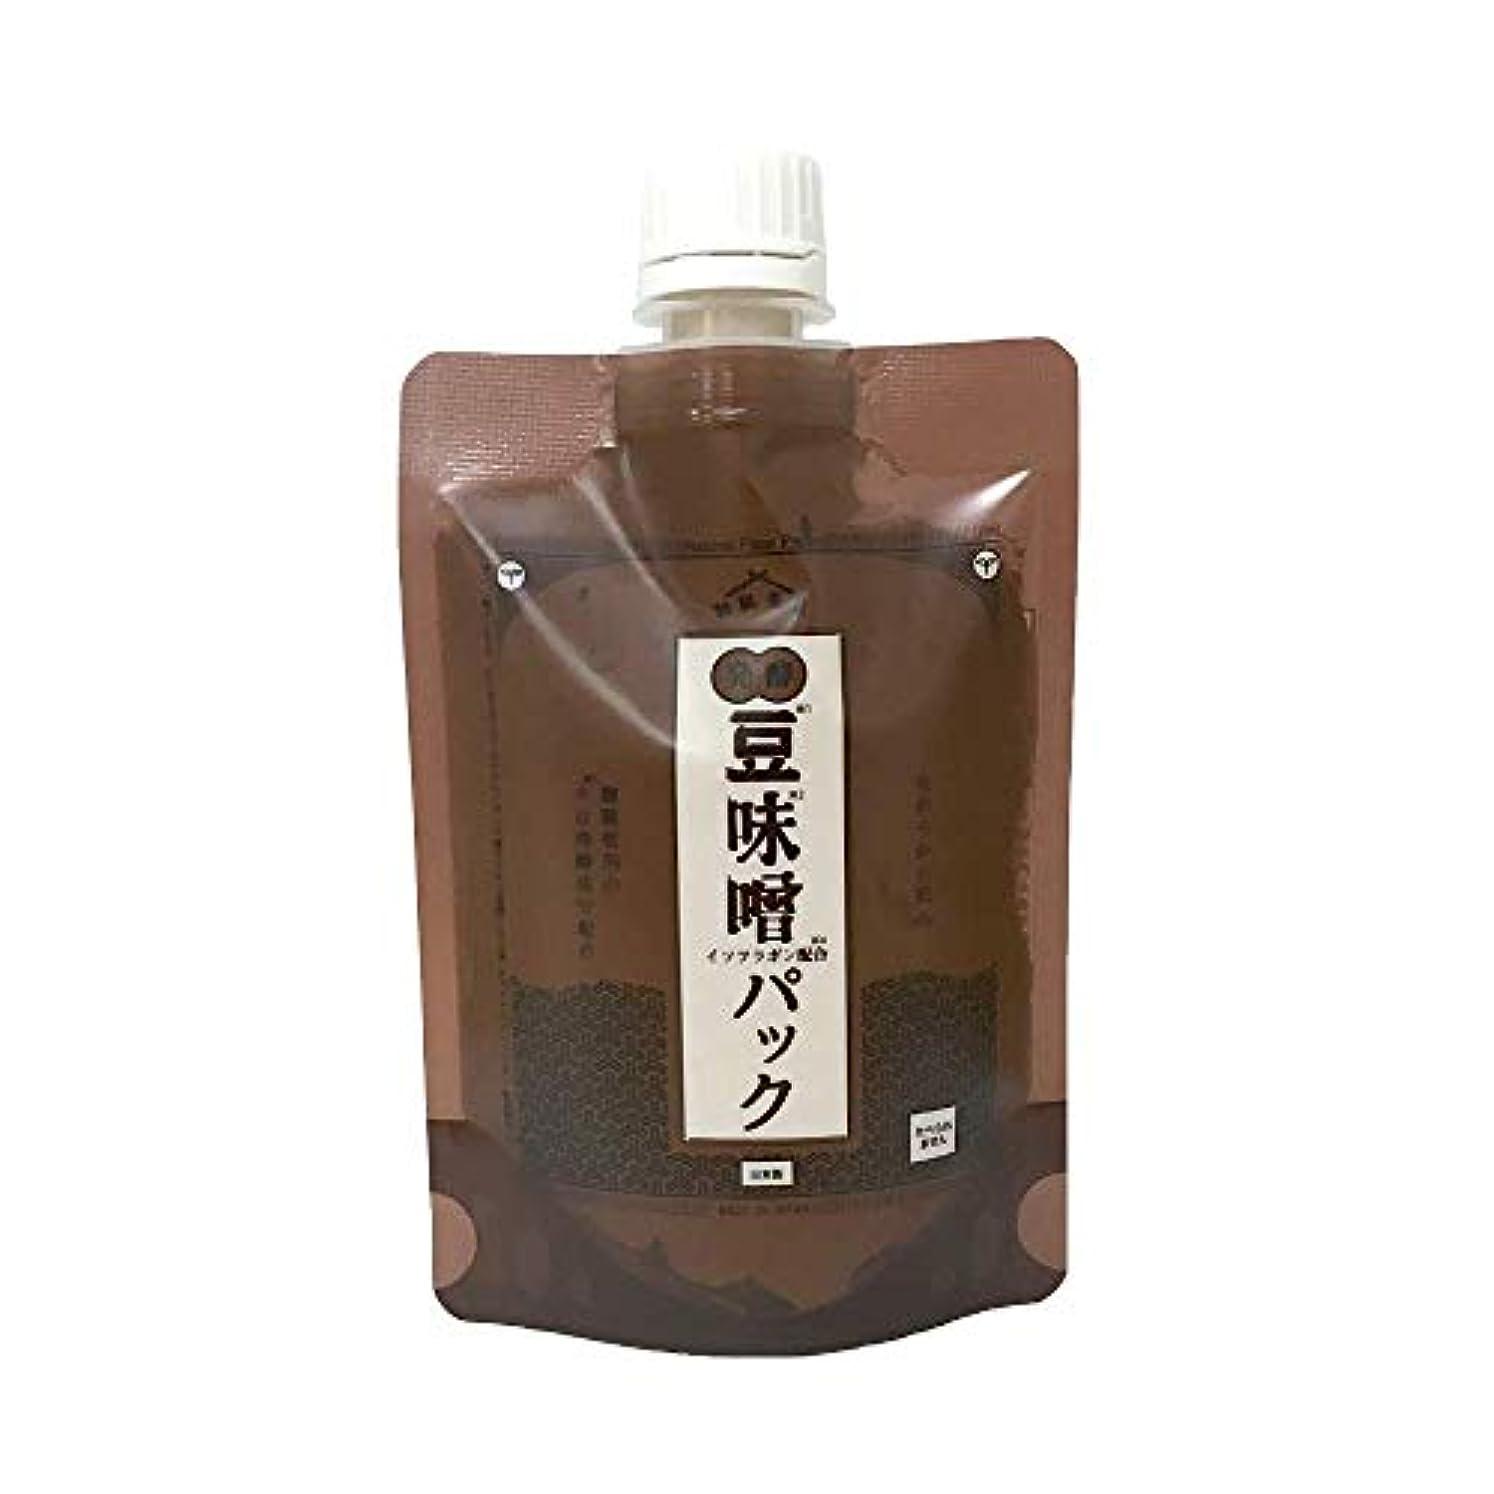 船外許可地域の和肌美泉 発酵•豆味噌イソフラボンパック 150g